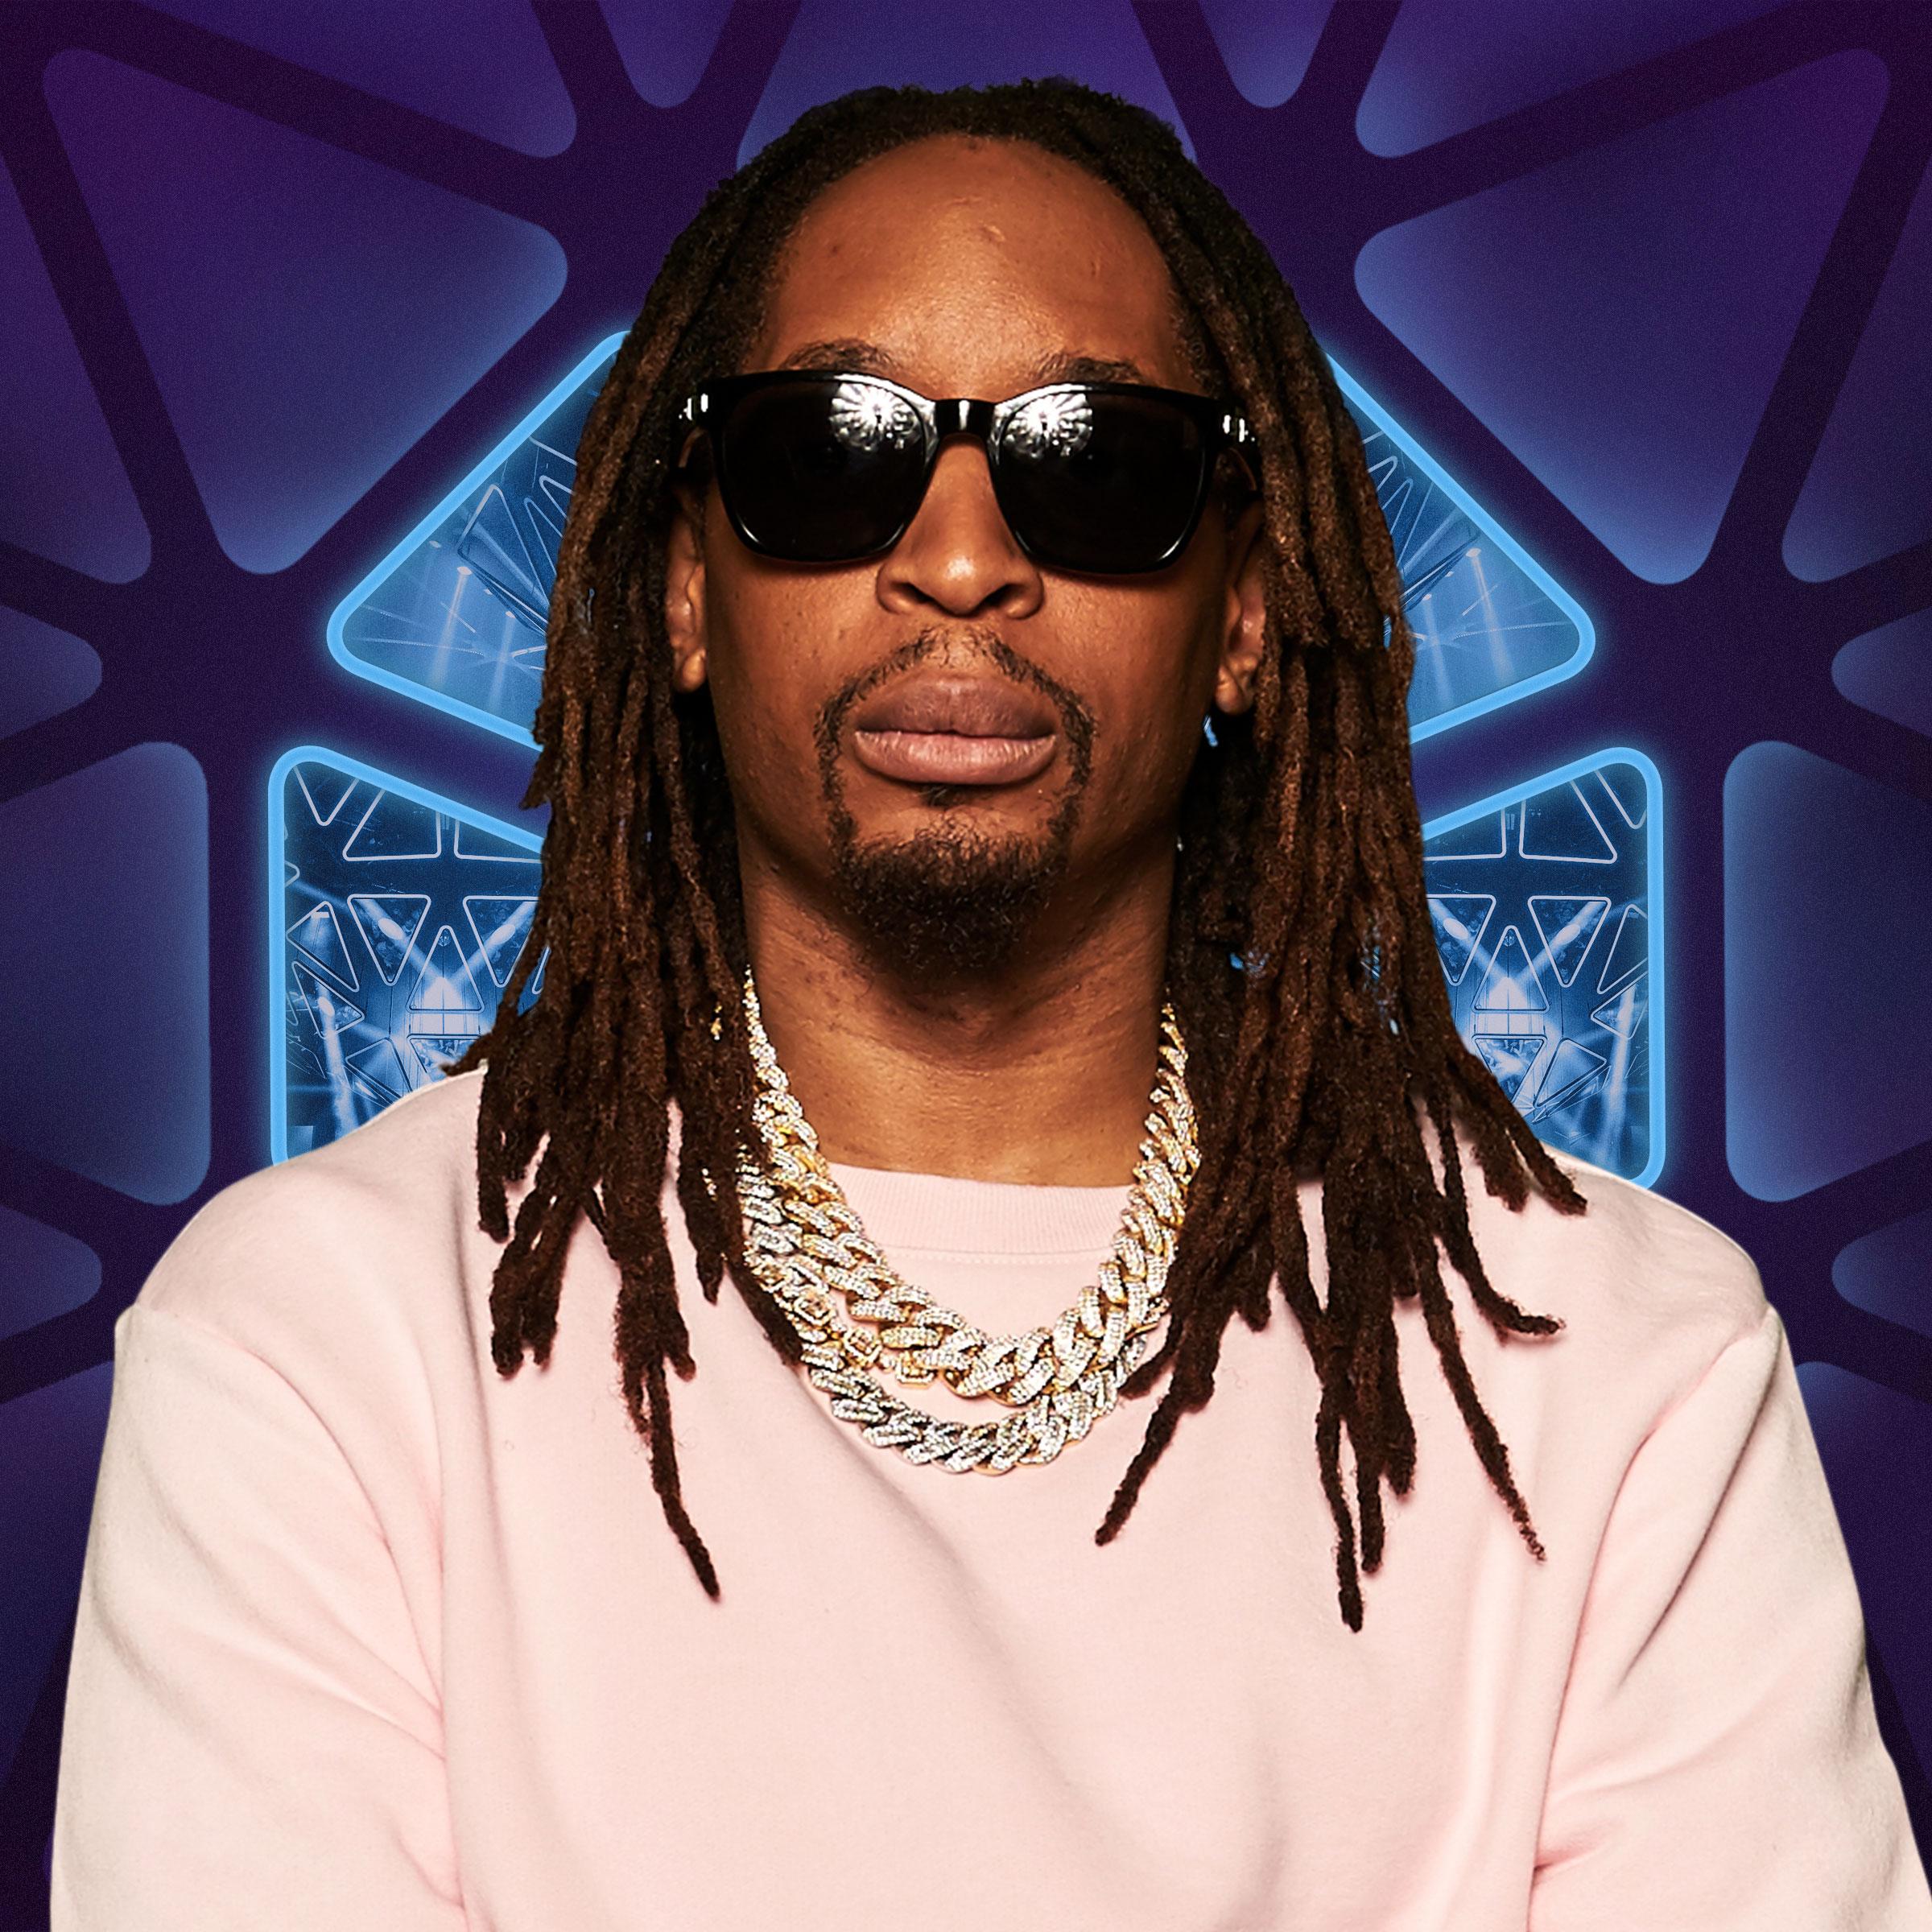 Lil Jon at Hakkasan Nightclub thumbnail